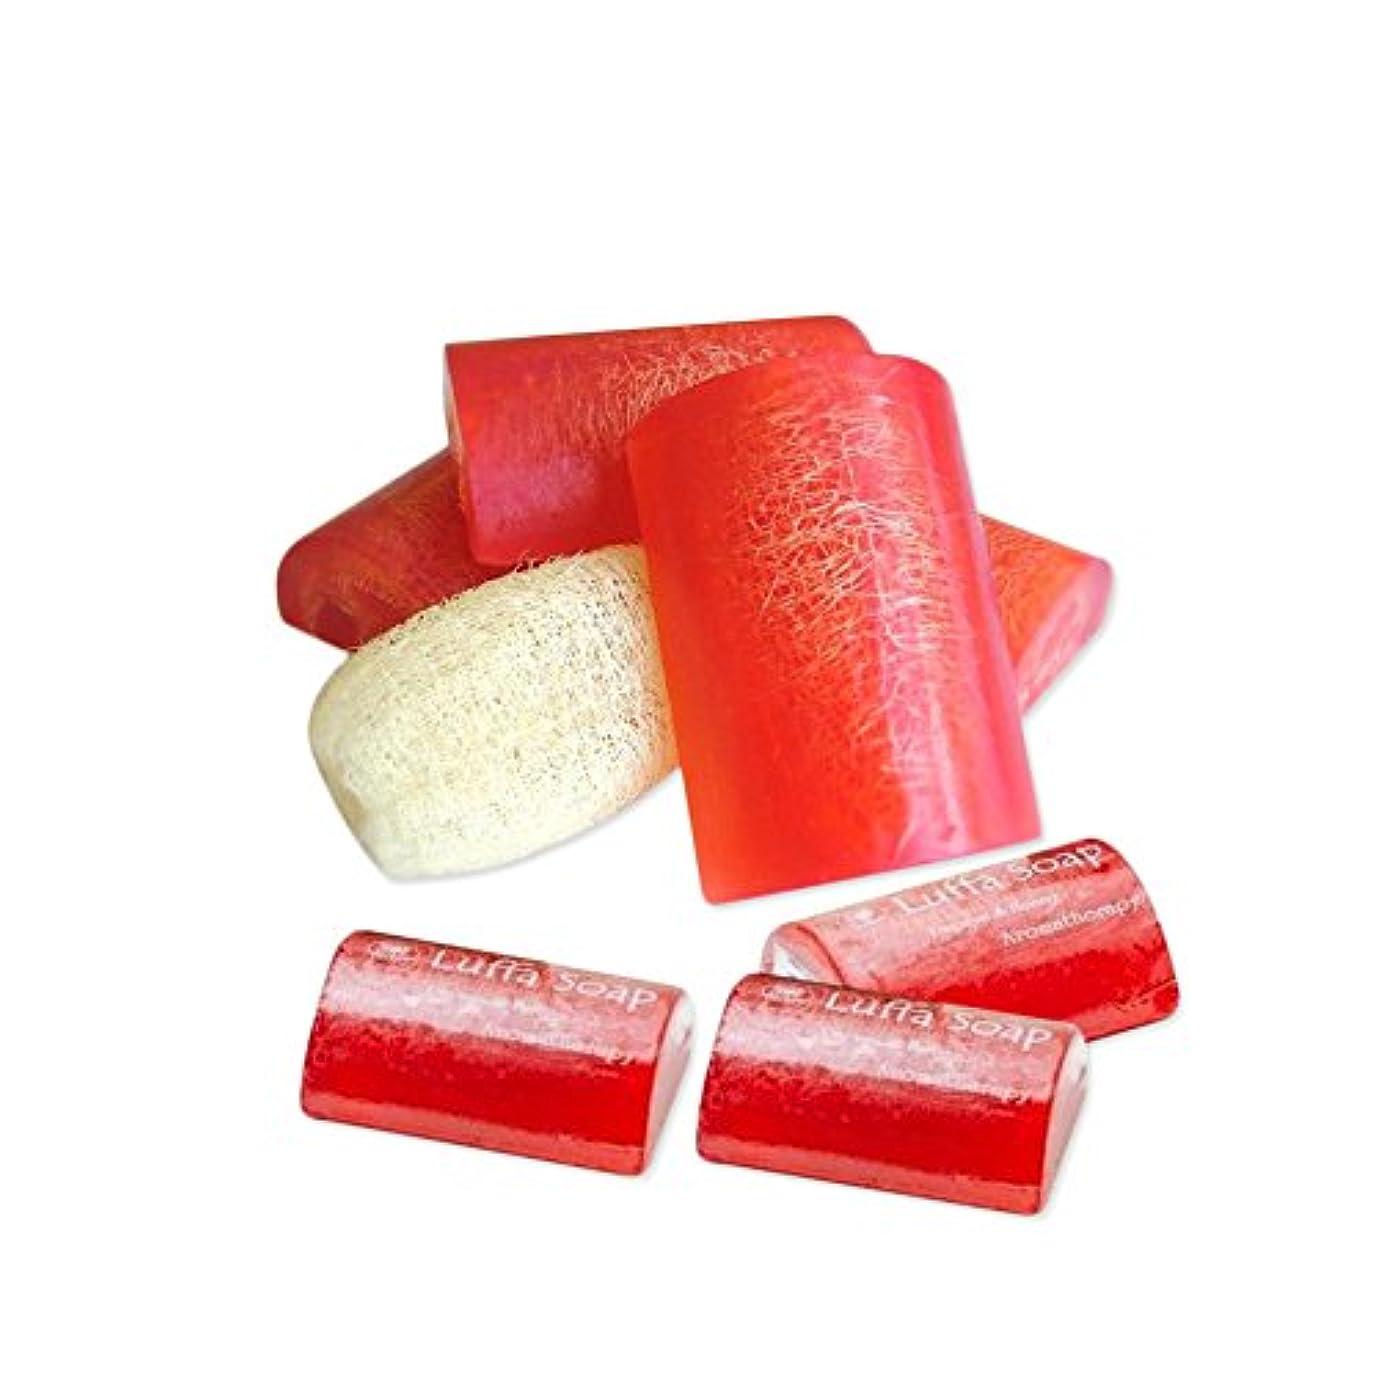 ヒョウおそらく外部Soap Net Nature Handmade AromaPapaya Honey Scrub Herbal Natural Relaxing After Work & Sport A luffa middle the...